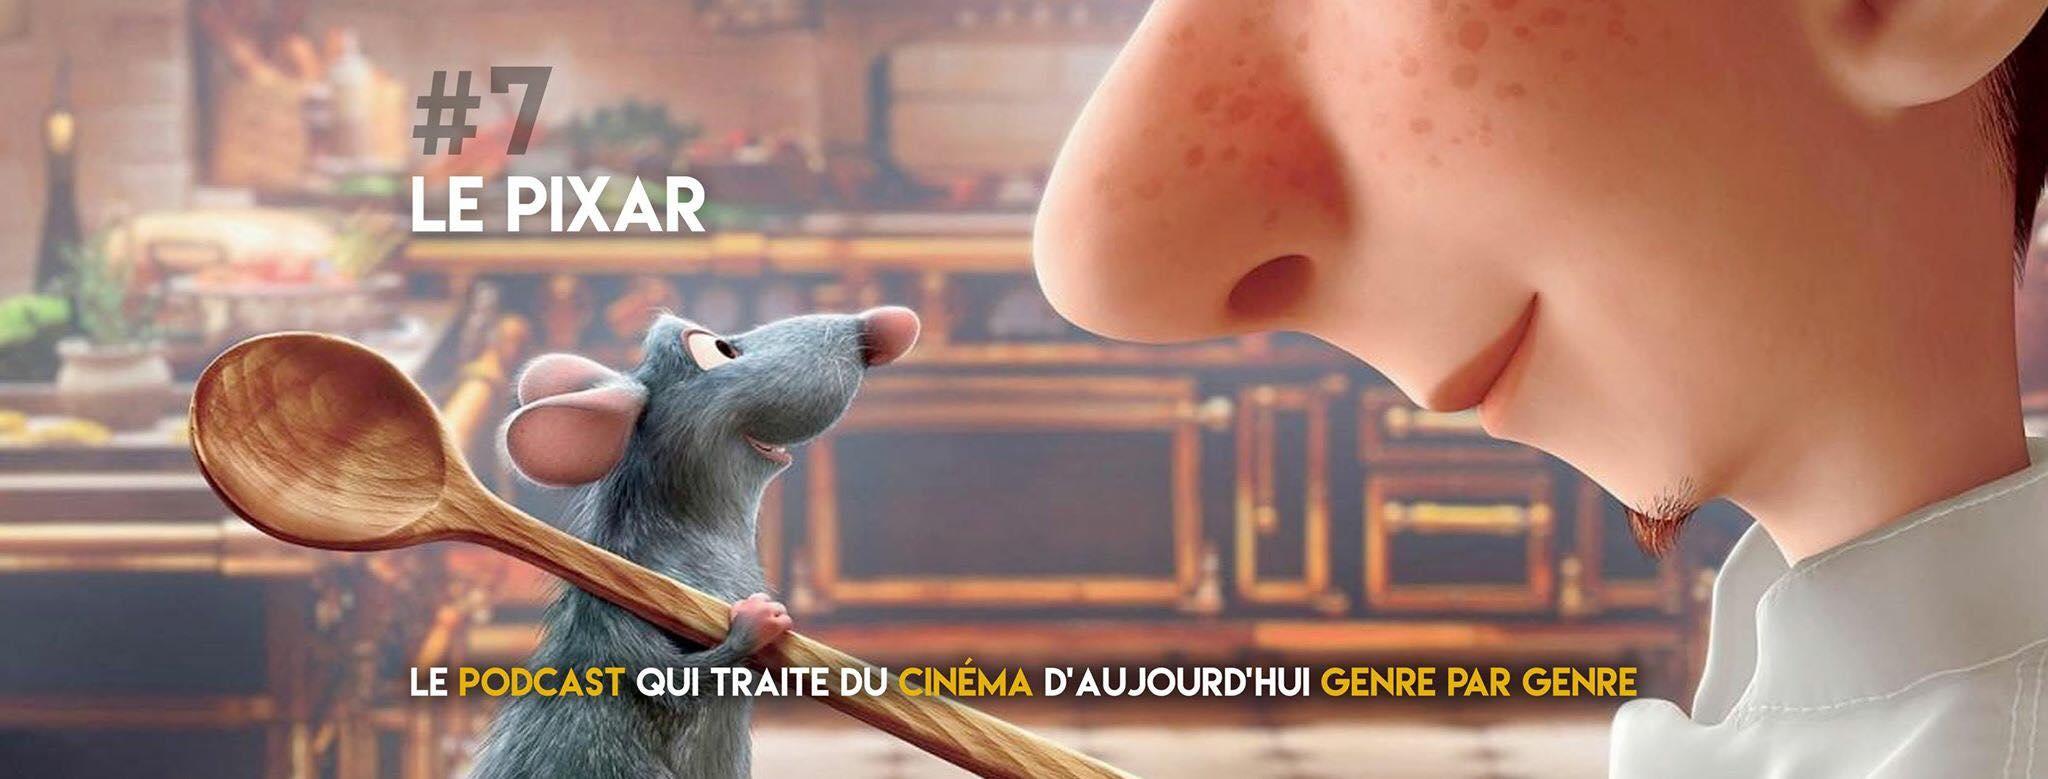 Parlons Péloches - #6 Le film Pixar